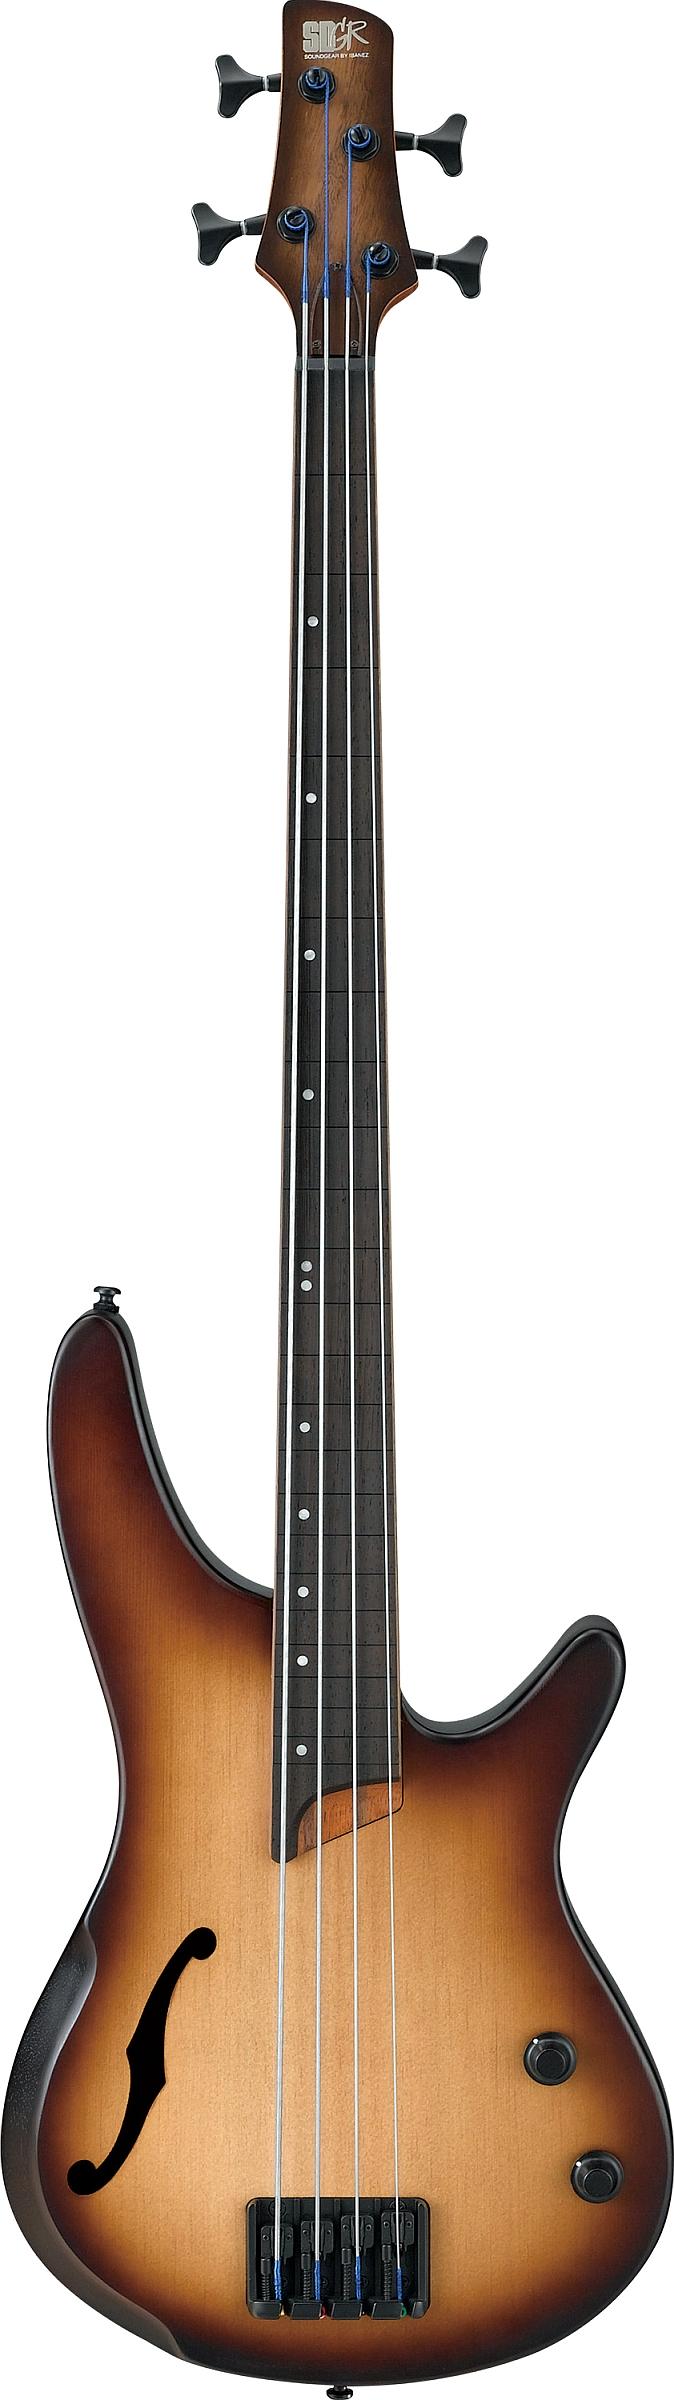 Ibenez SRH500F-NNF Hollow E-Bass Fretless Natural Browned Burst Flat